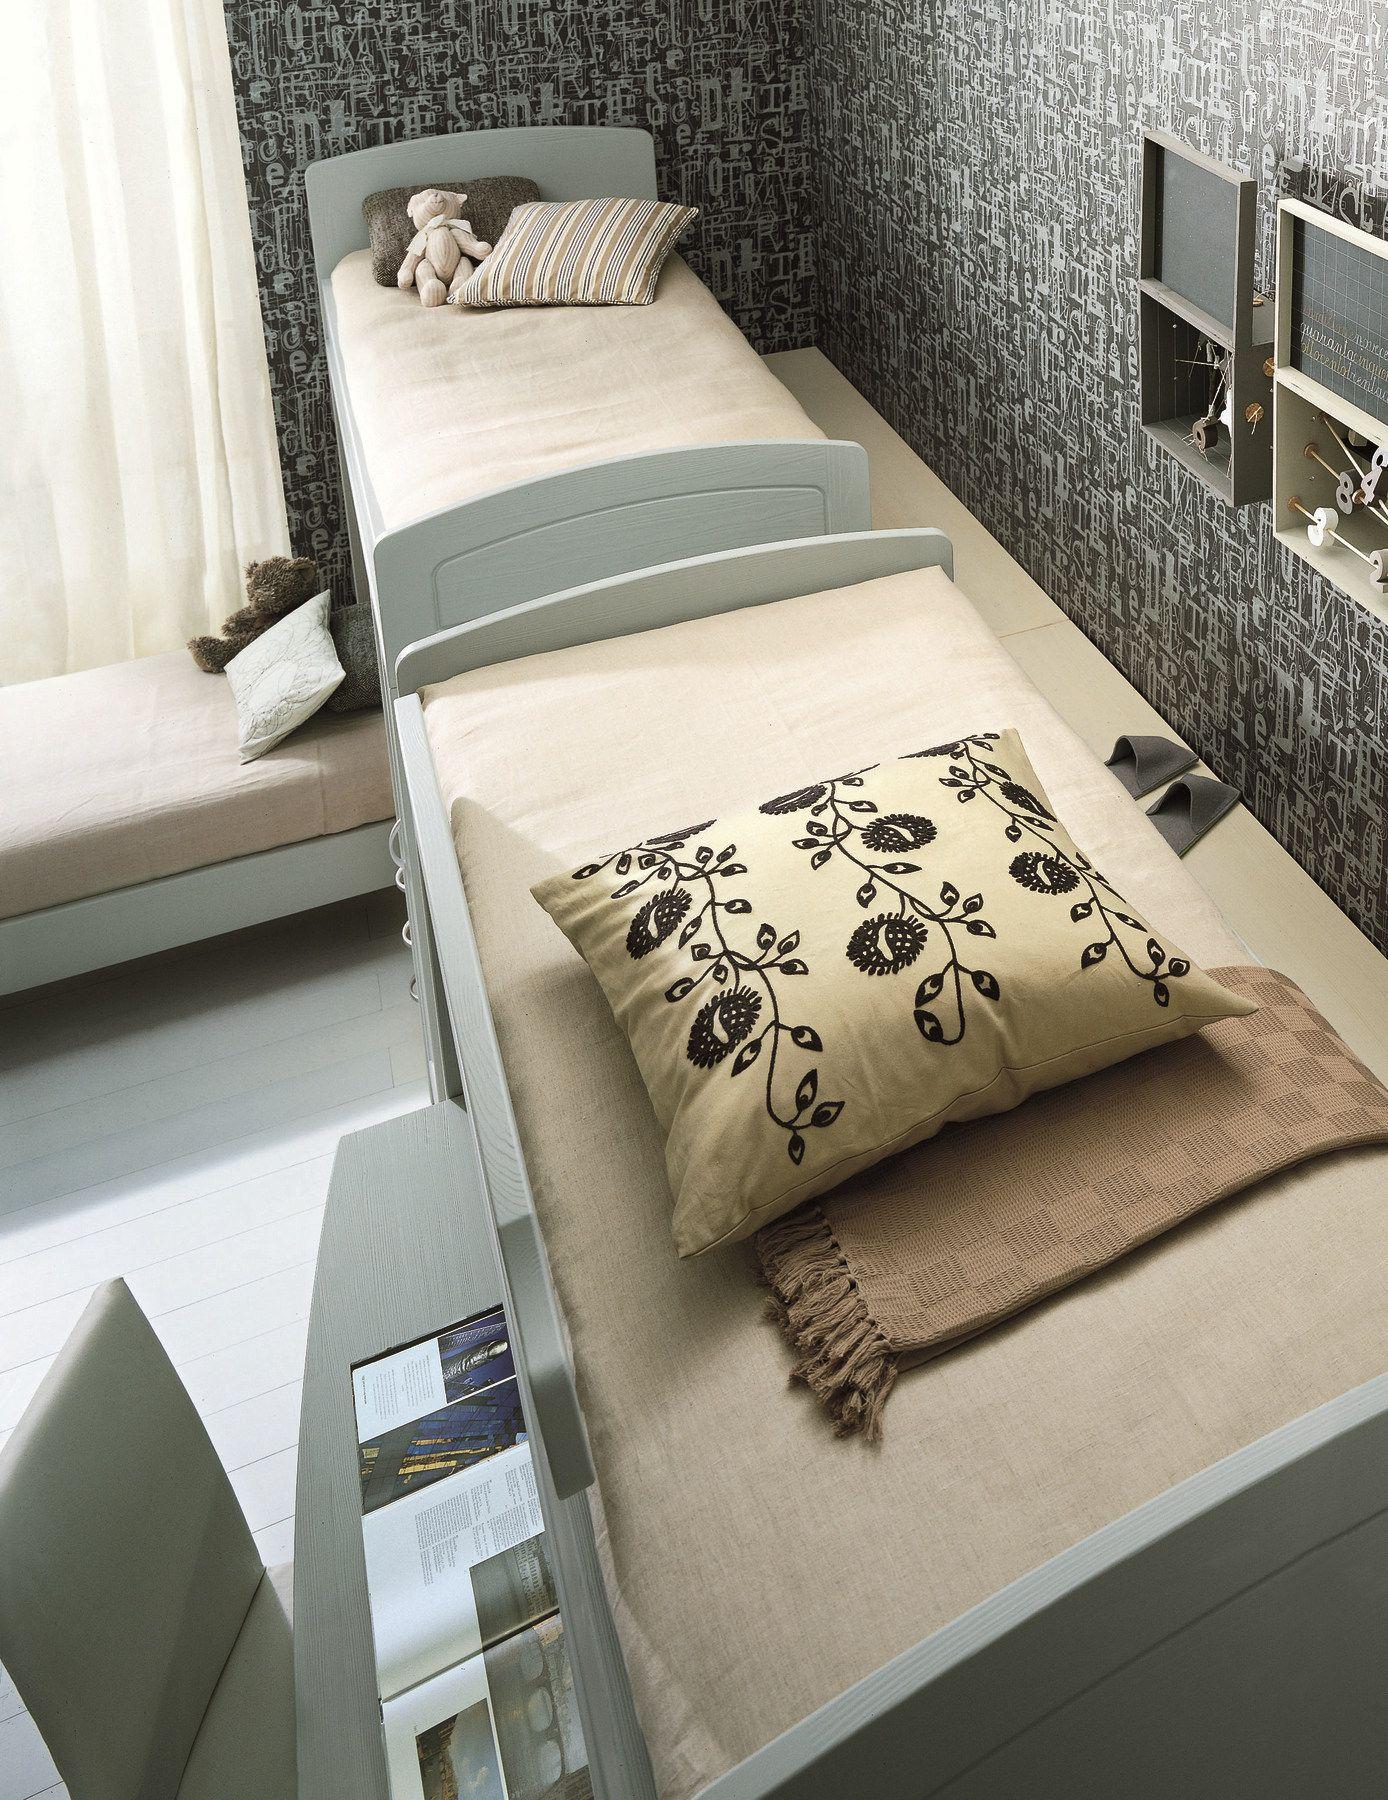 schlafzimmer mit hochbett für jungen/mädchen nuovo mondo n16